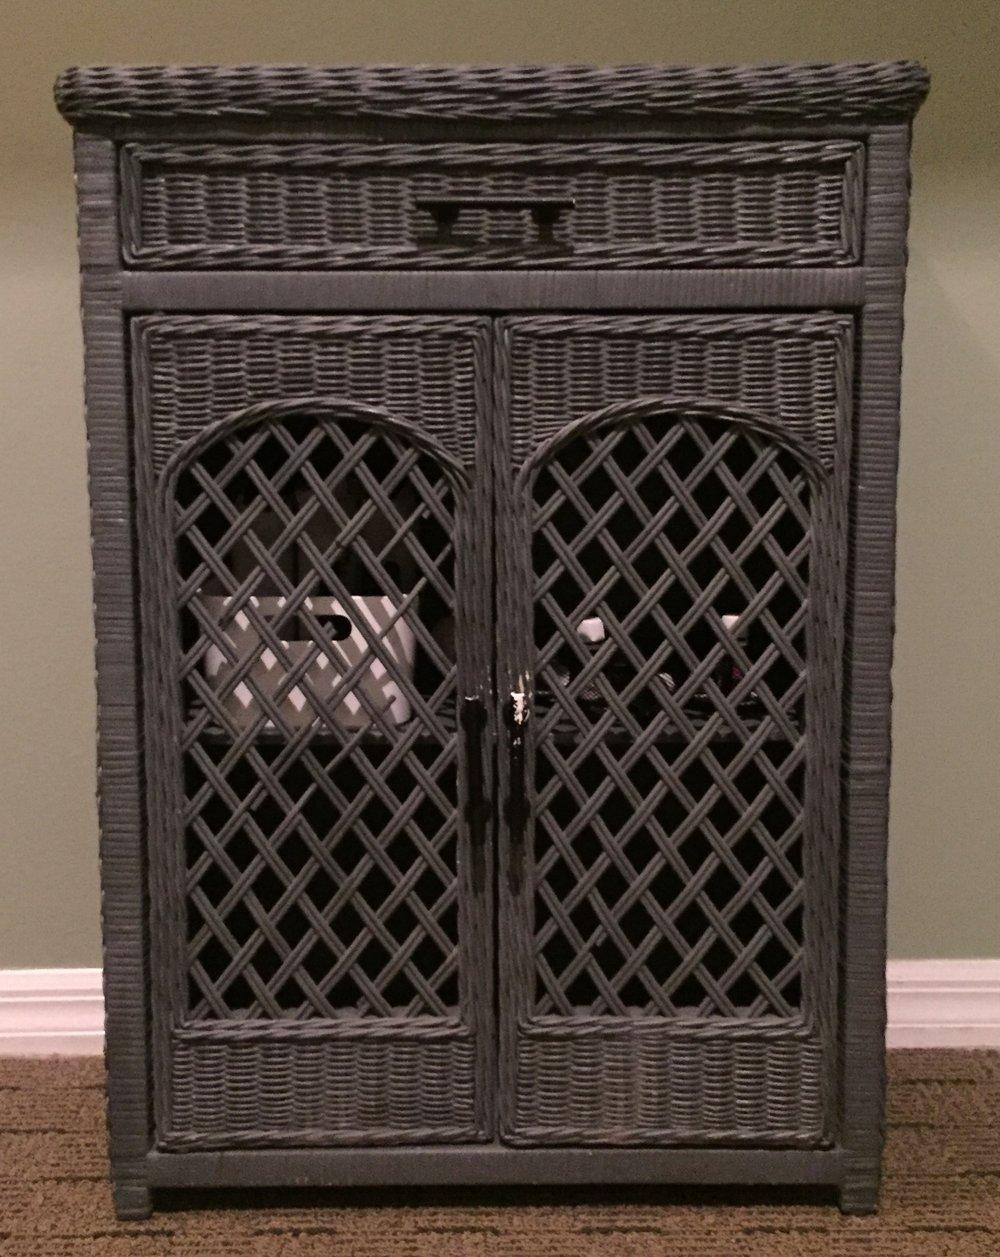 Wicker Cabinet - $30